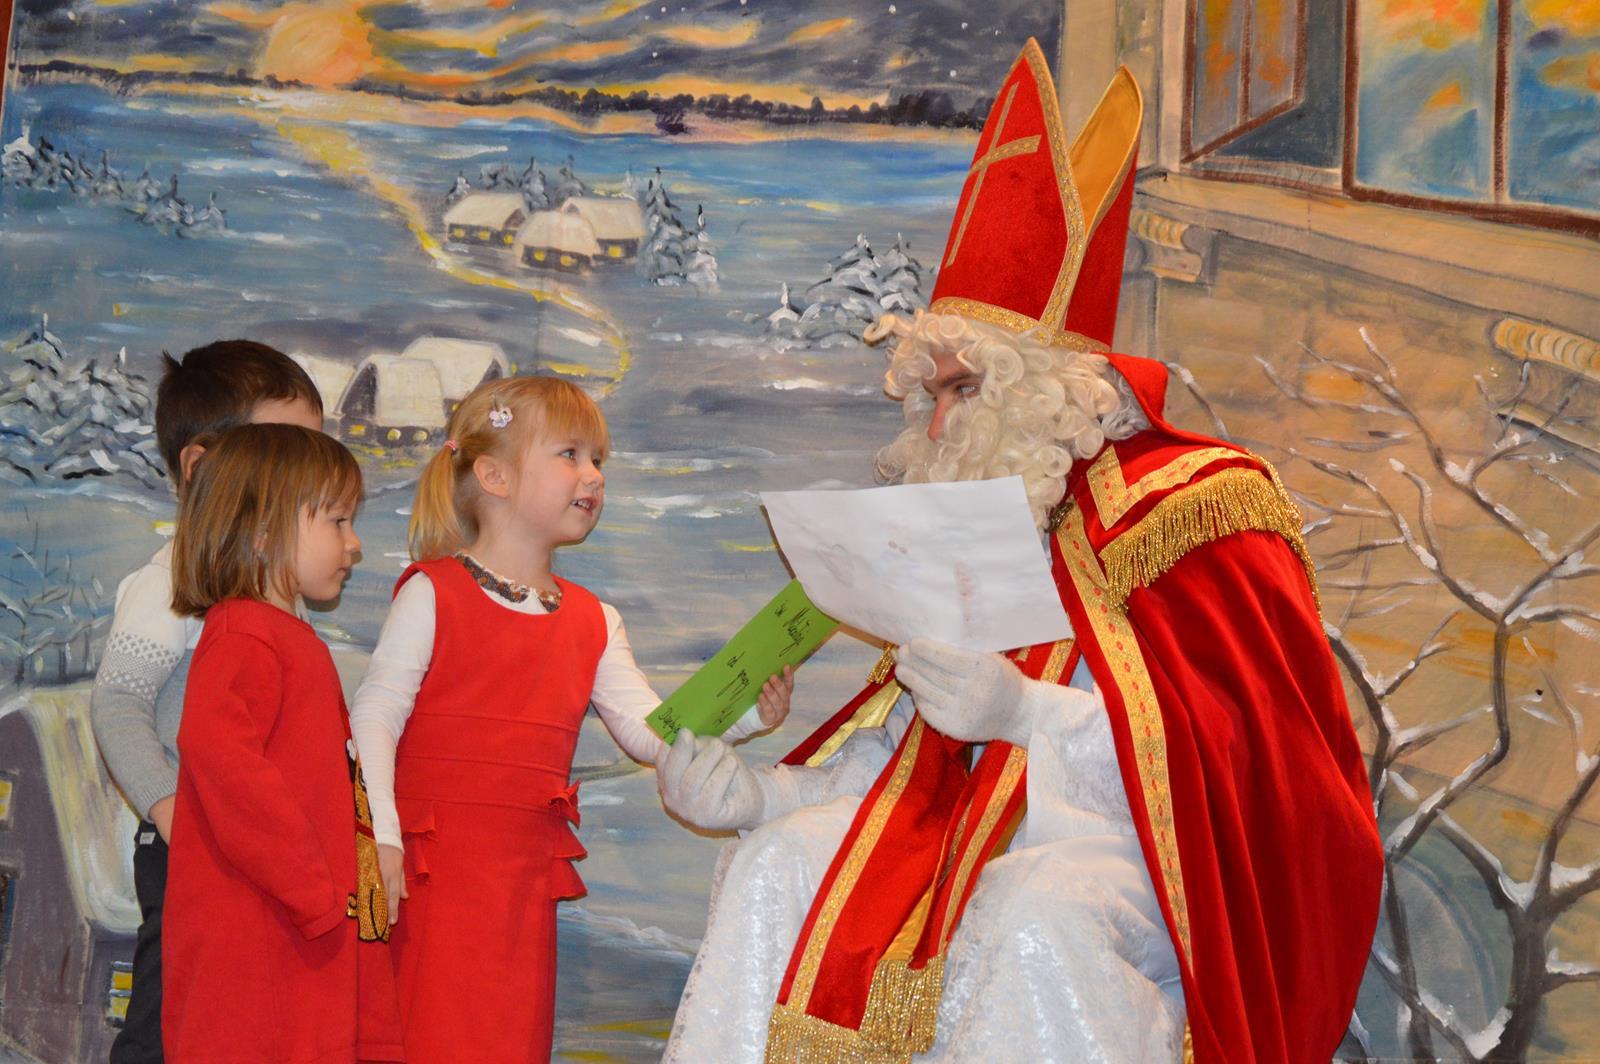 Przyjdź do nas, przyjdź do nas św. Mikołaju